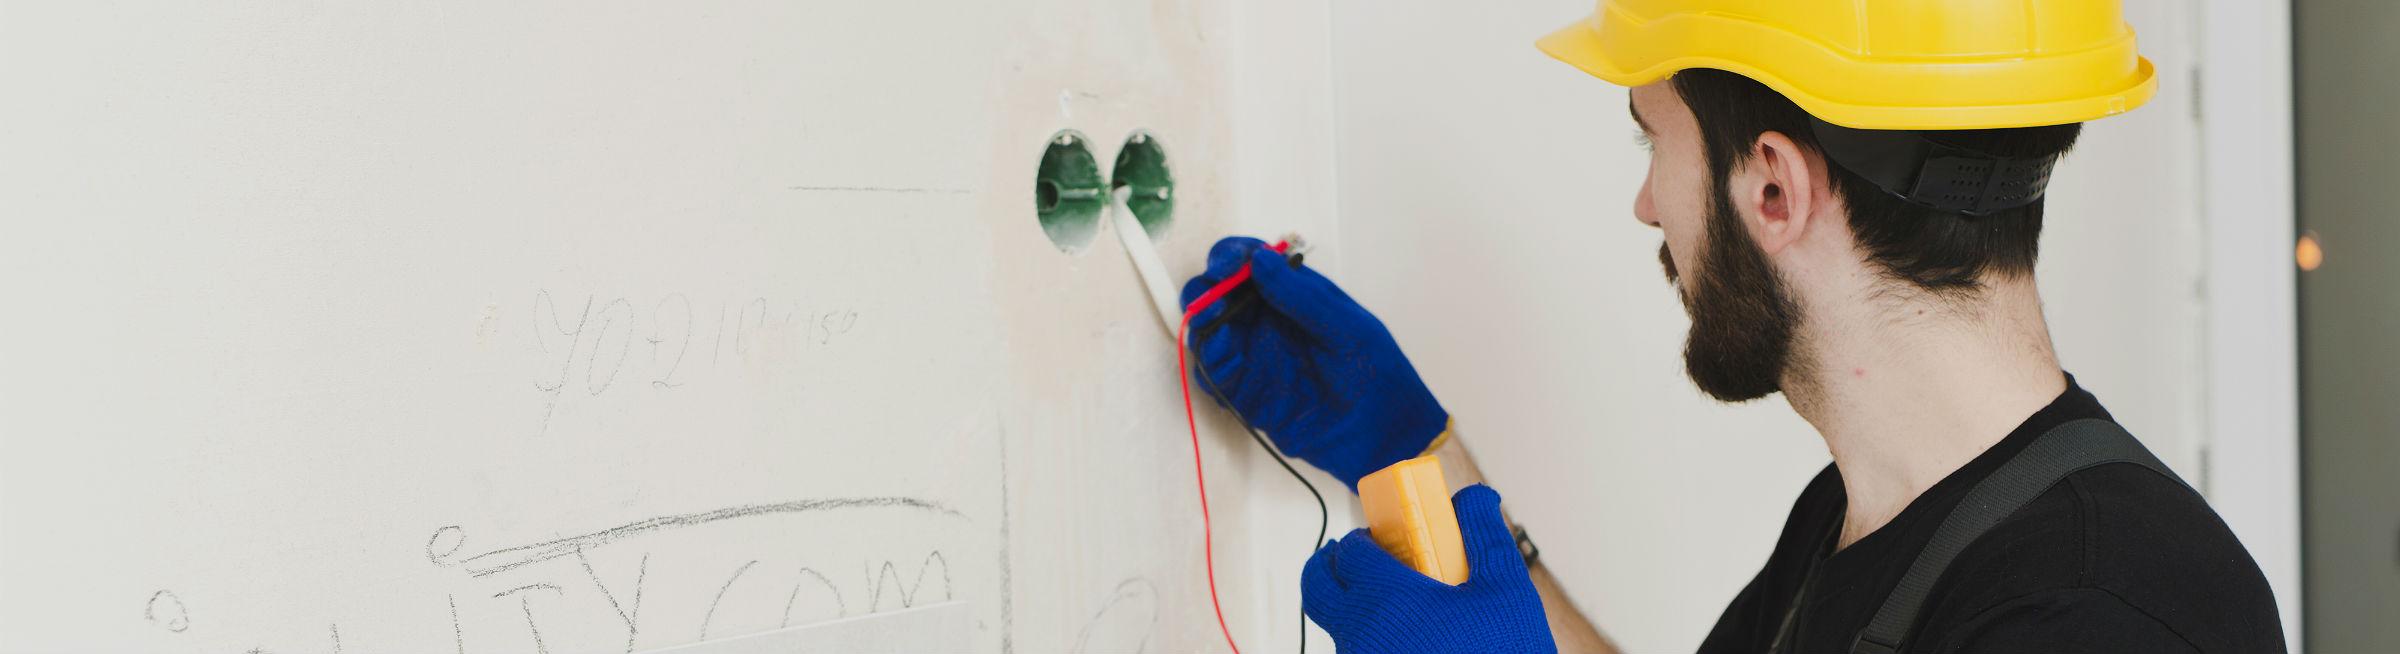 Un électricien effectue des branchements électriques